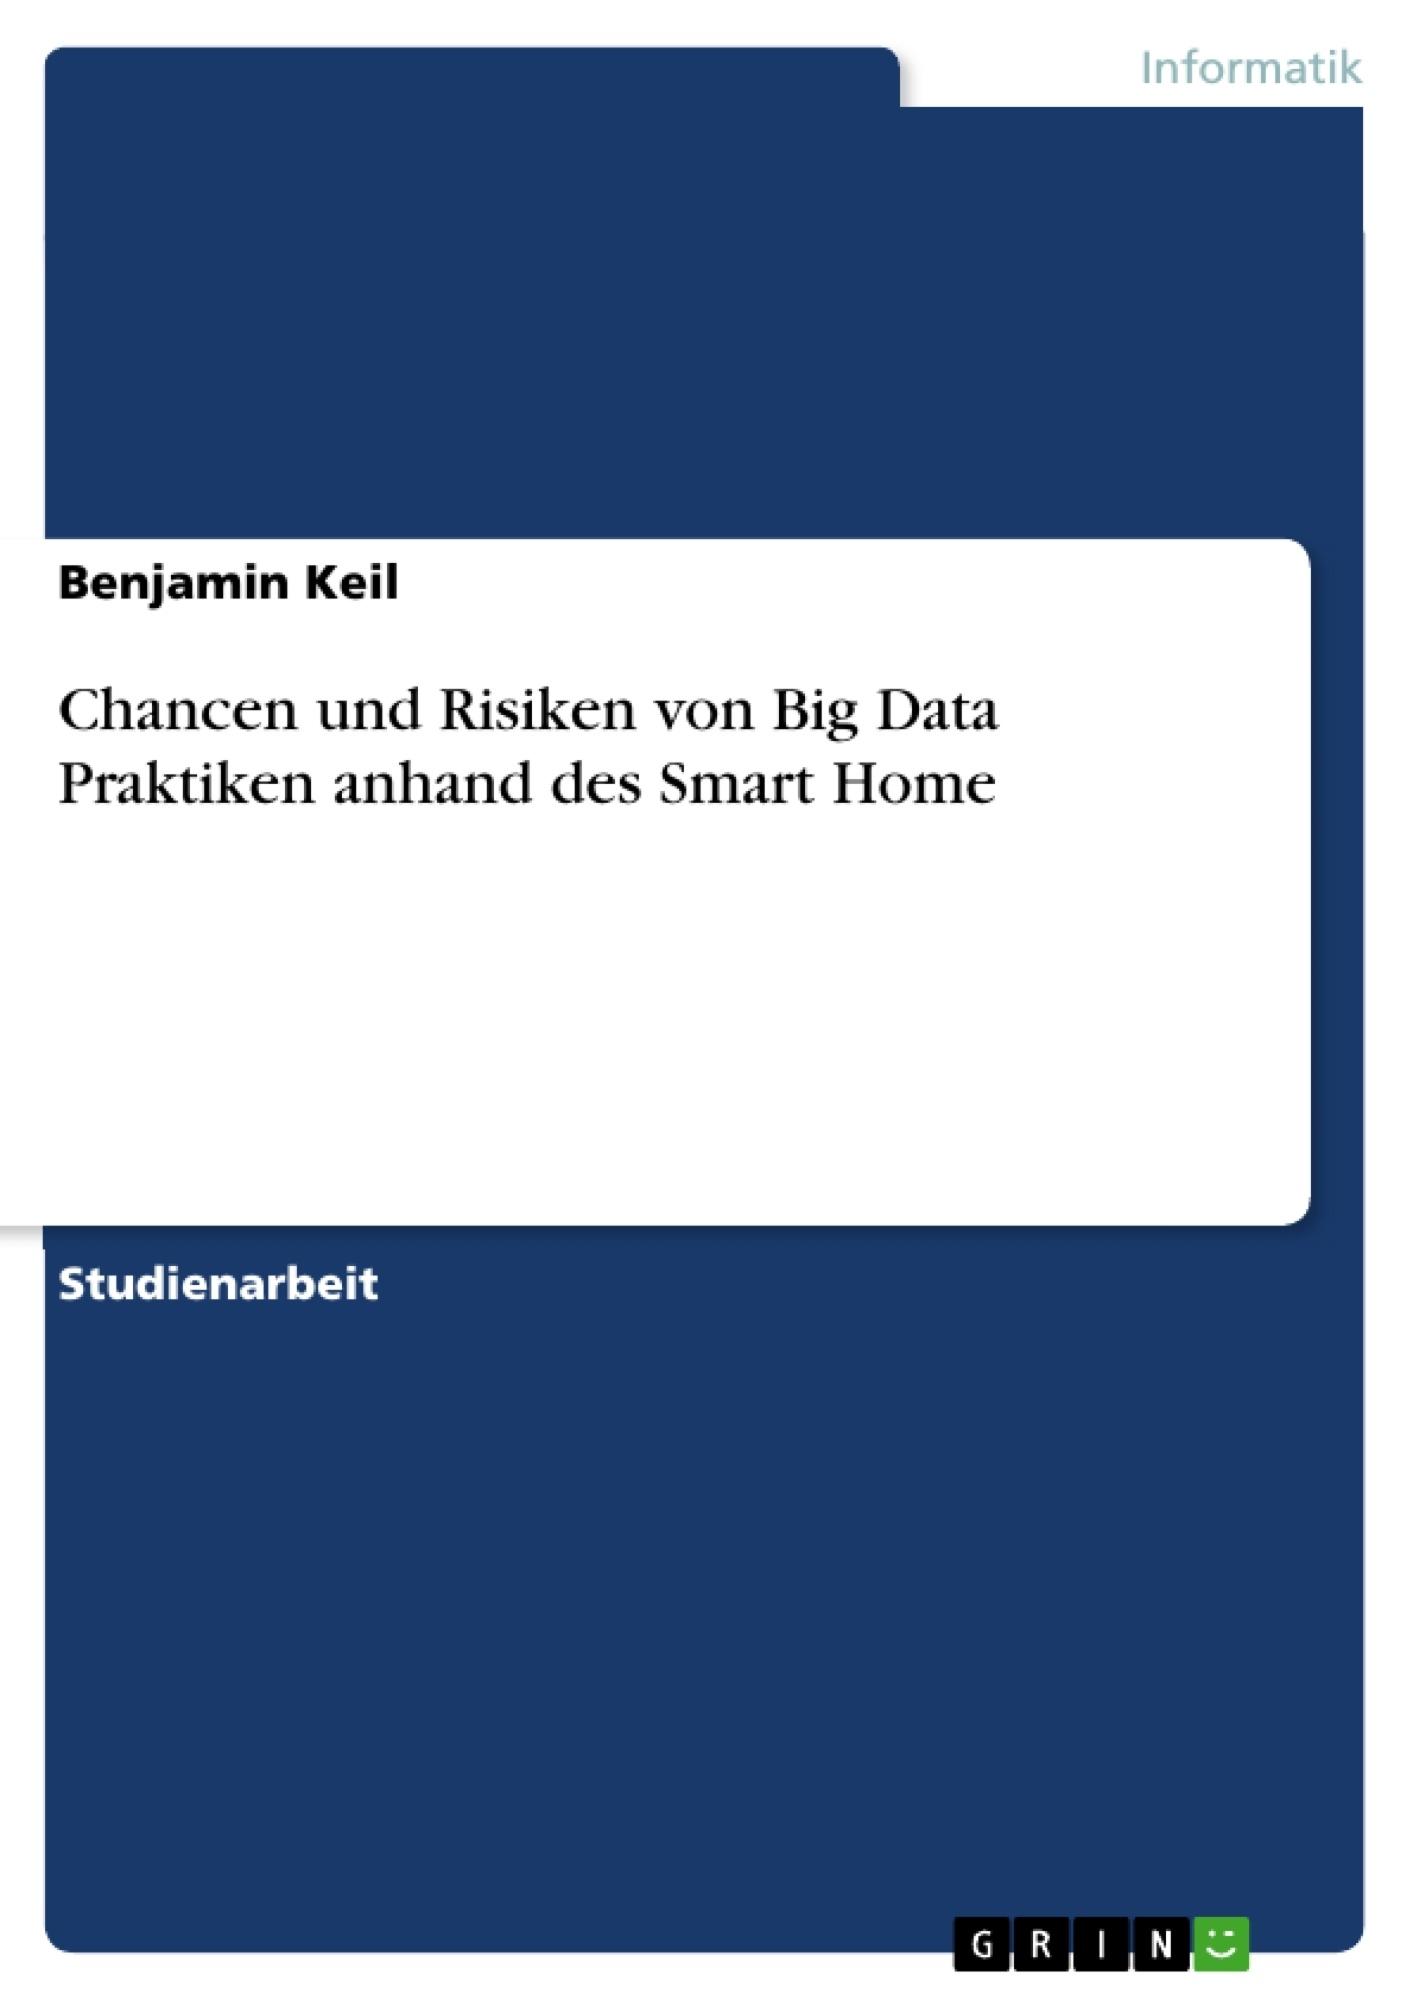 Titel: Chancen und Risiken von Big Data Praktiken anhand des Smart Home